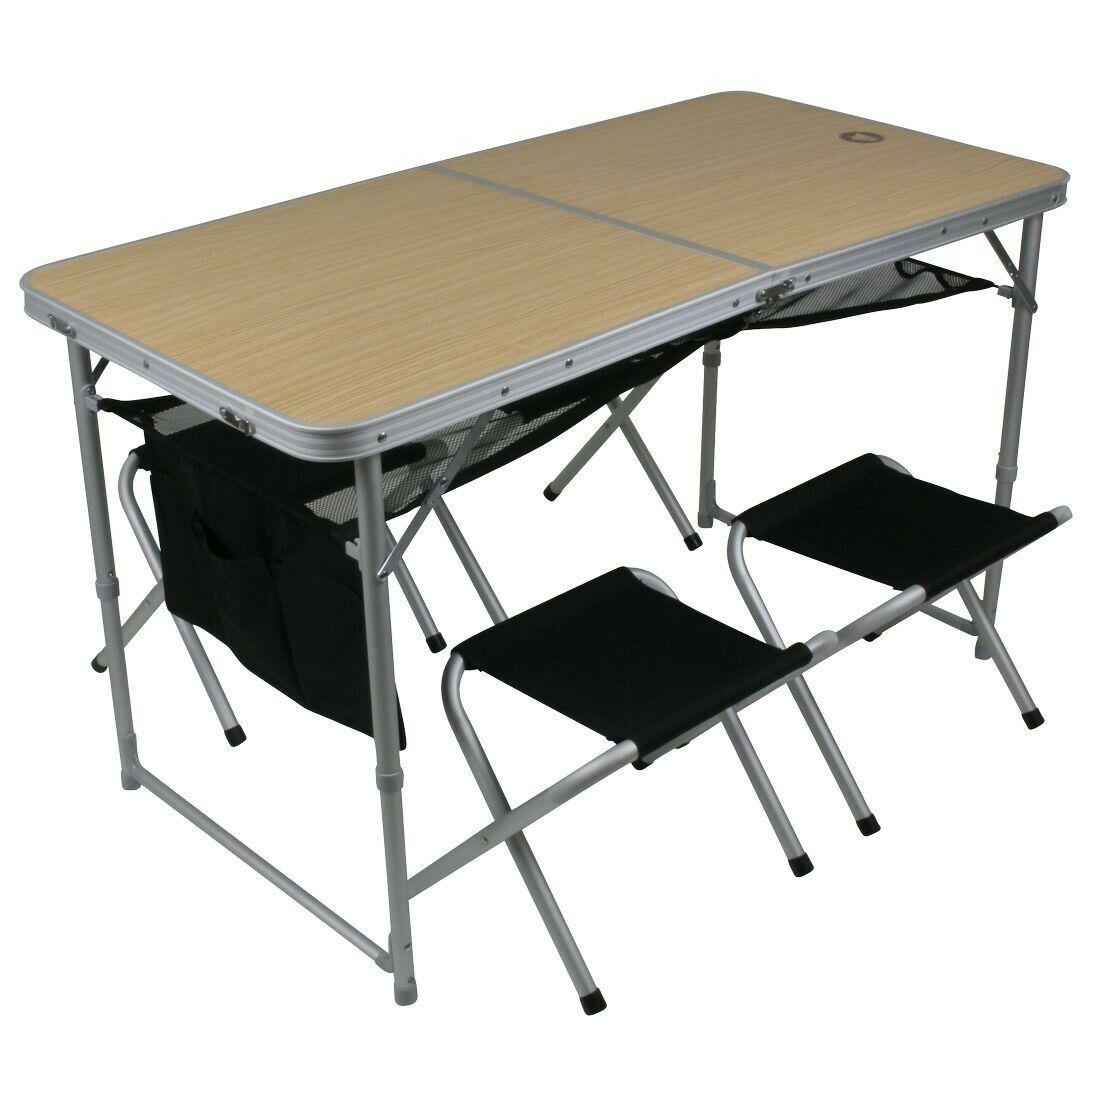 Portátil Familia Alu mesa de  Cámping con taburete para 4 personas sentado  Sin impuestos